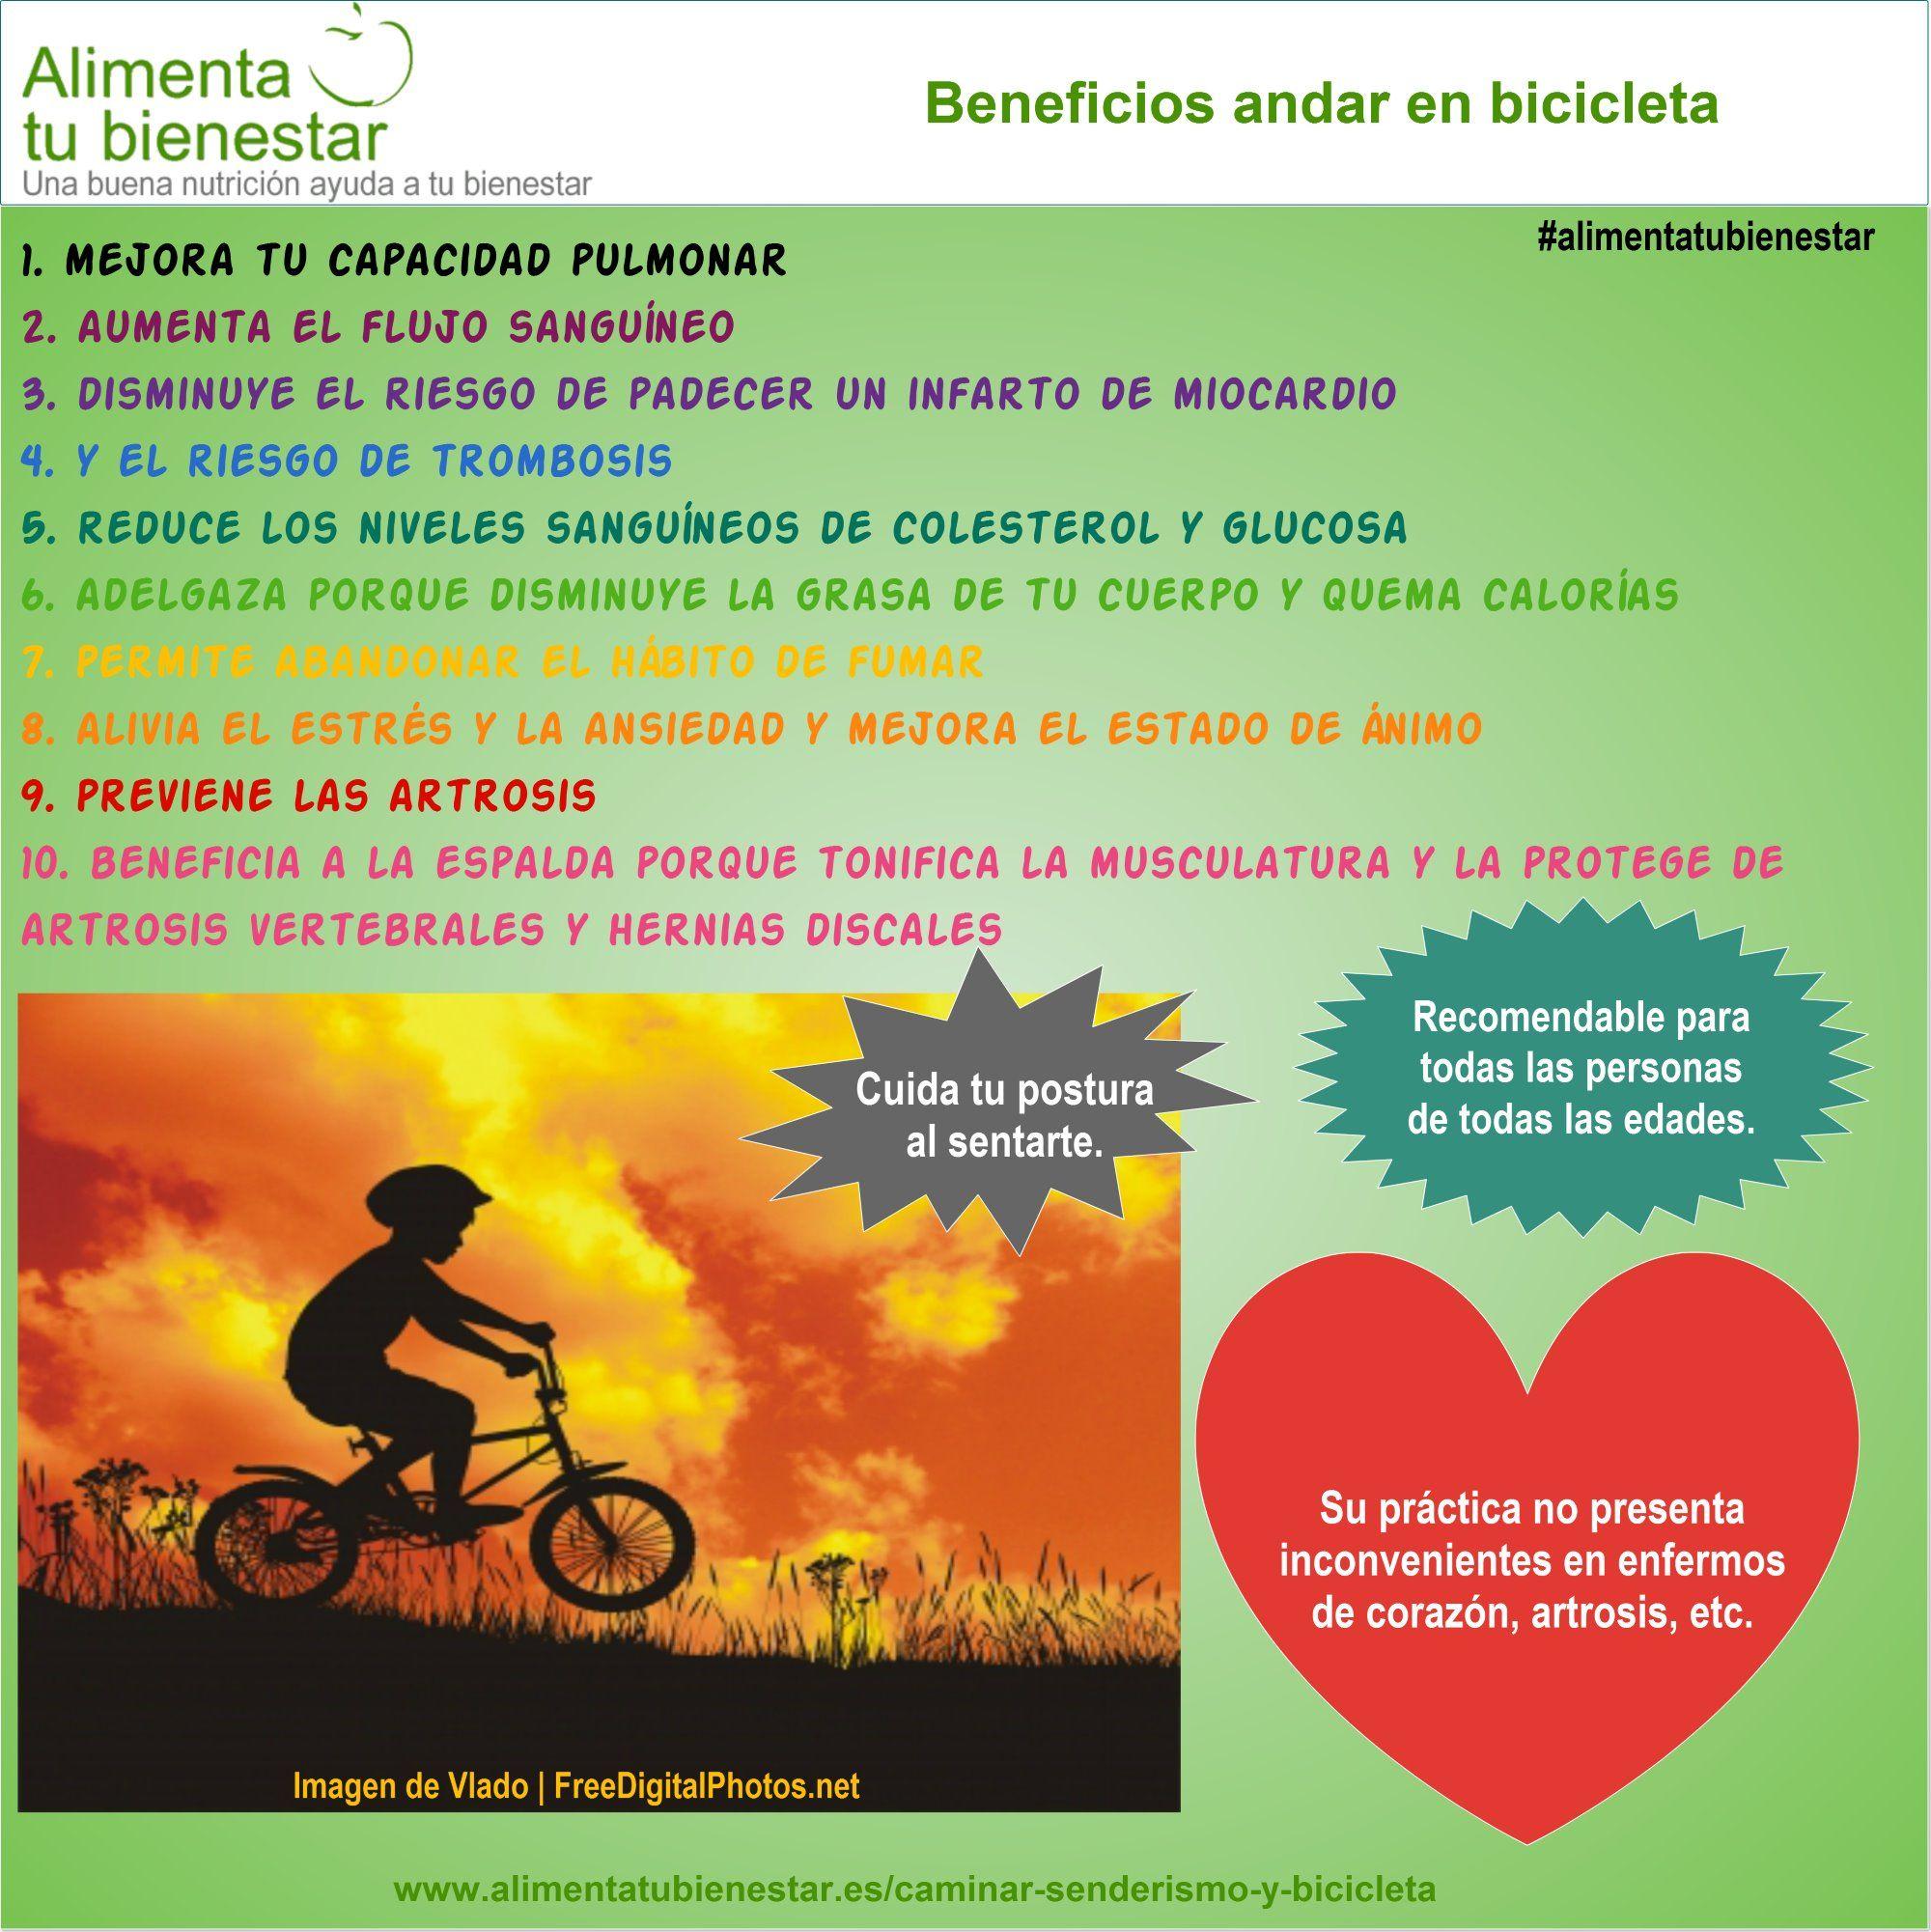 Beneficios saludables de andar en bicicleta